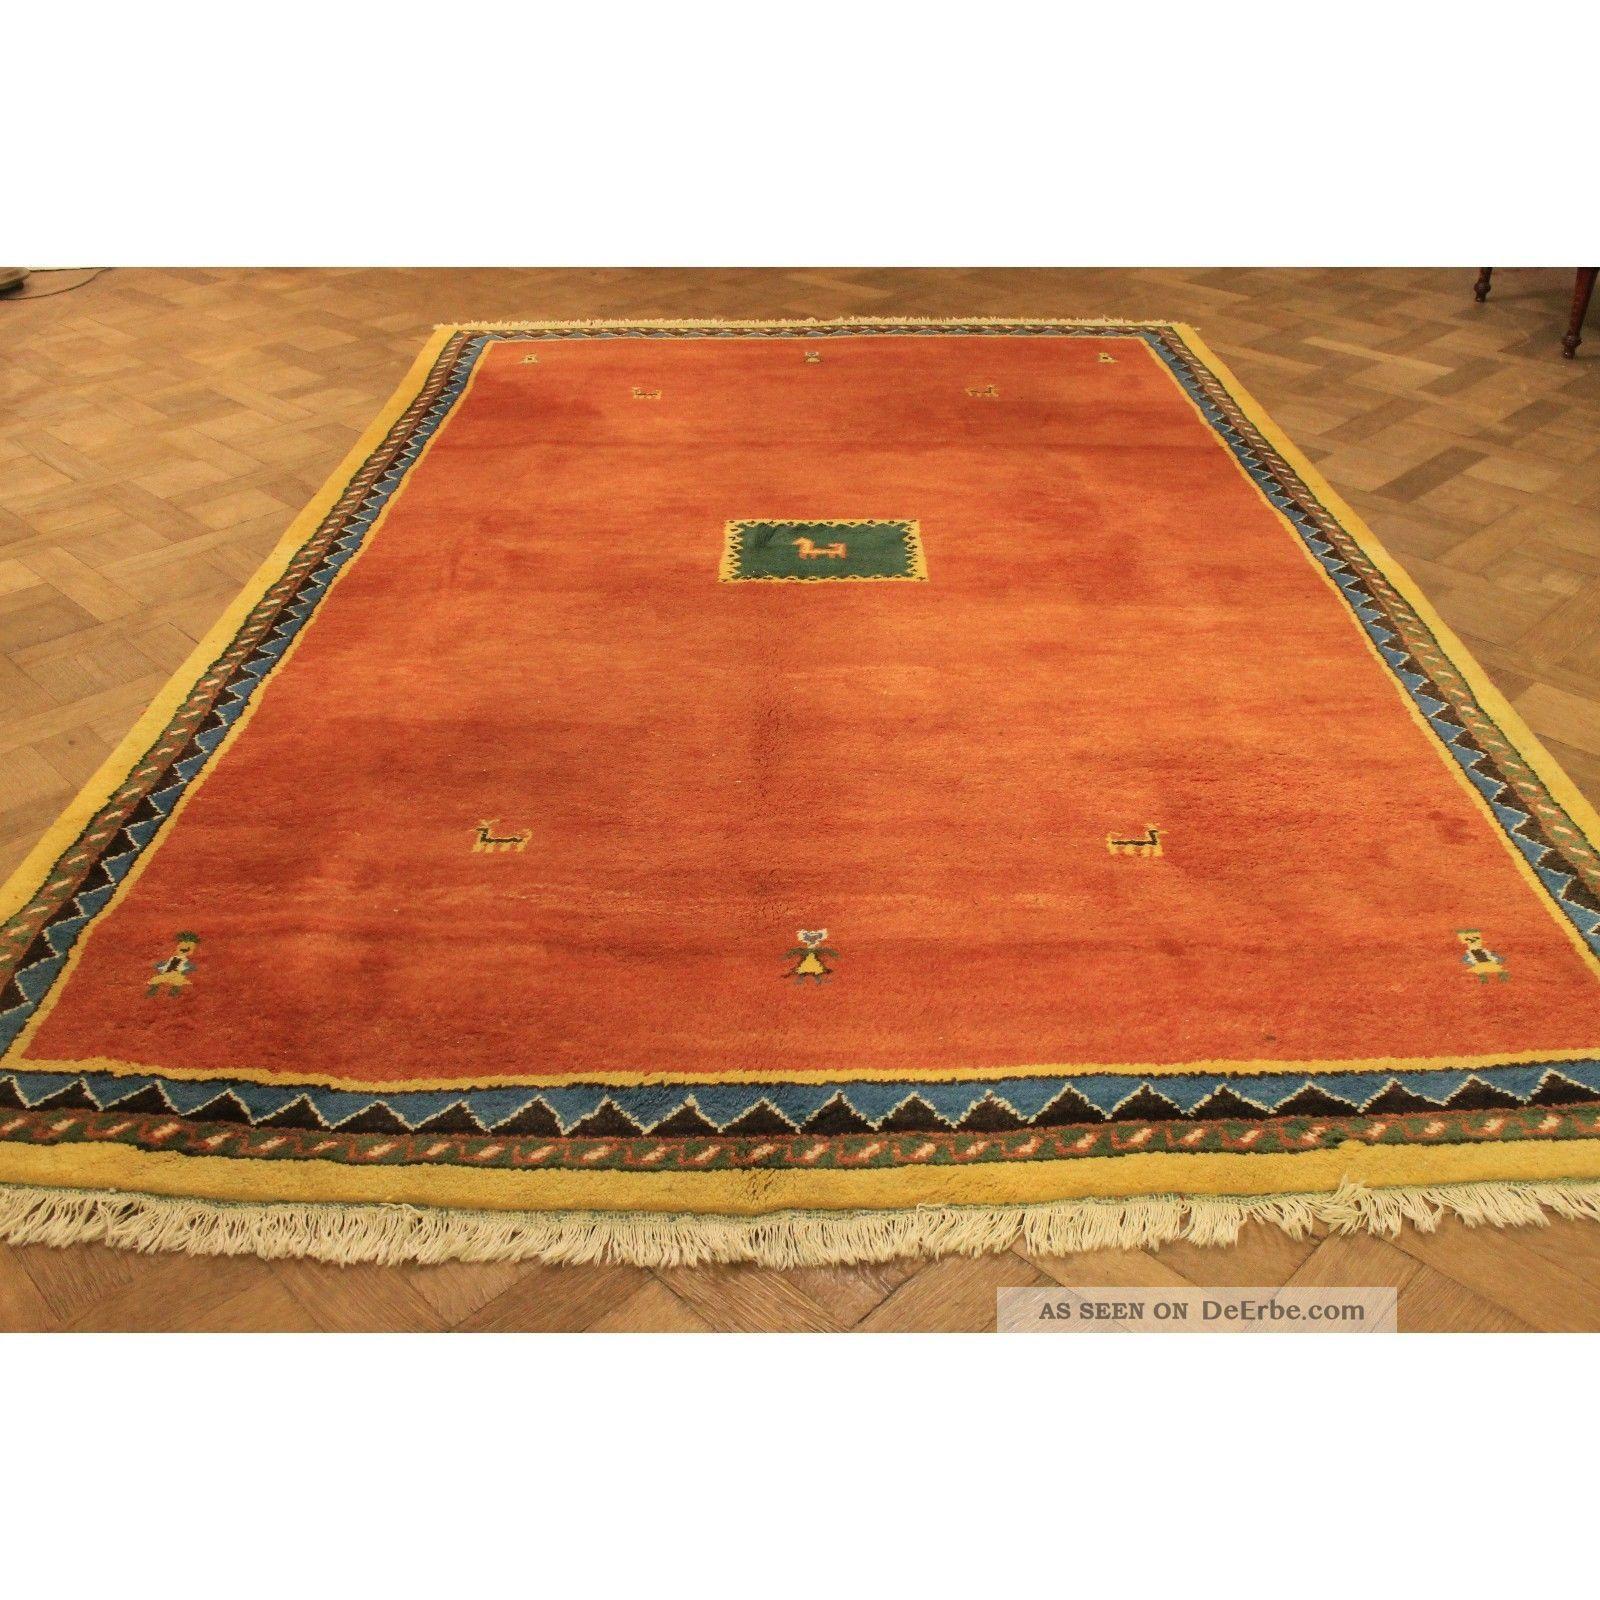 Gabbeh Teppich  Wunderschöner Handgeknüpfter Perser Teppich Gabbeh Gelb